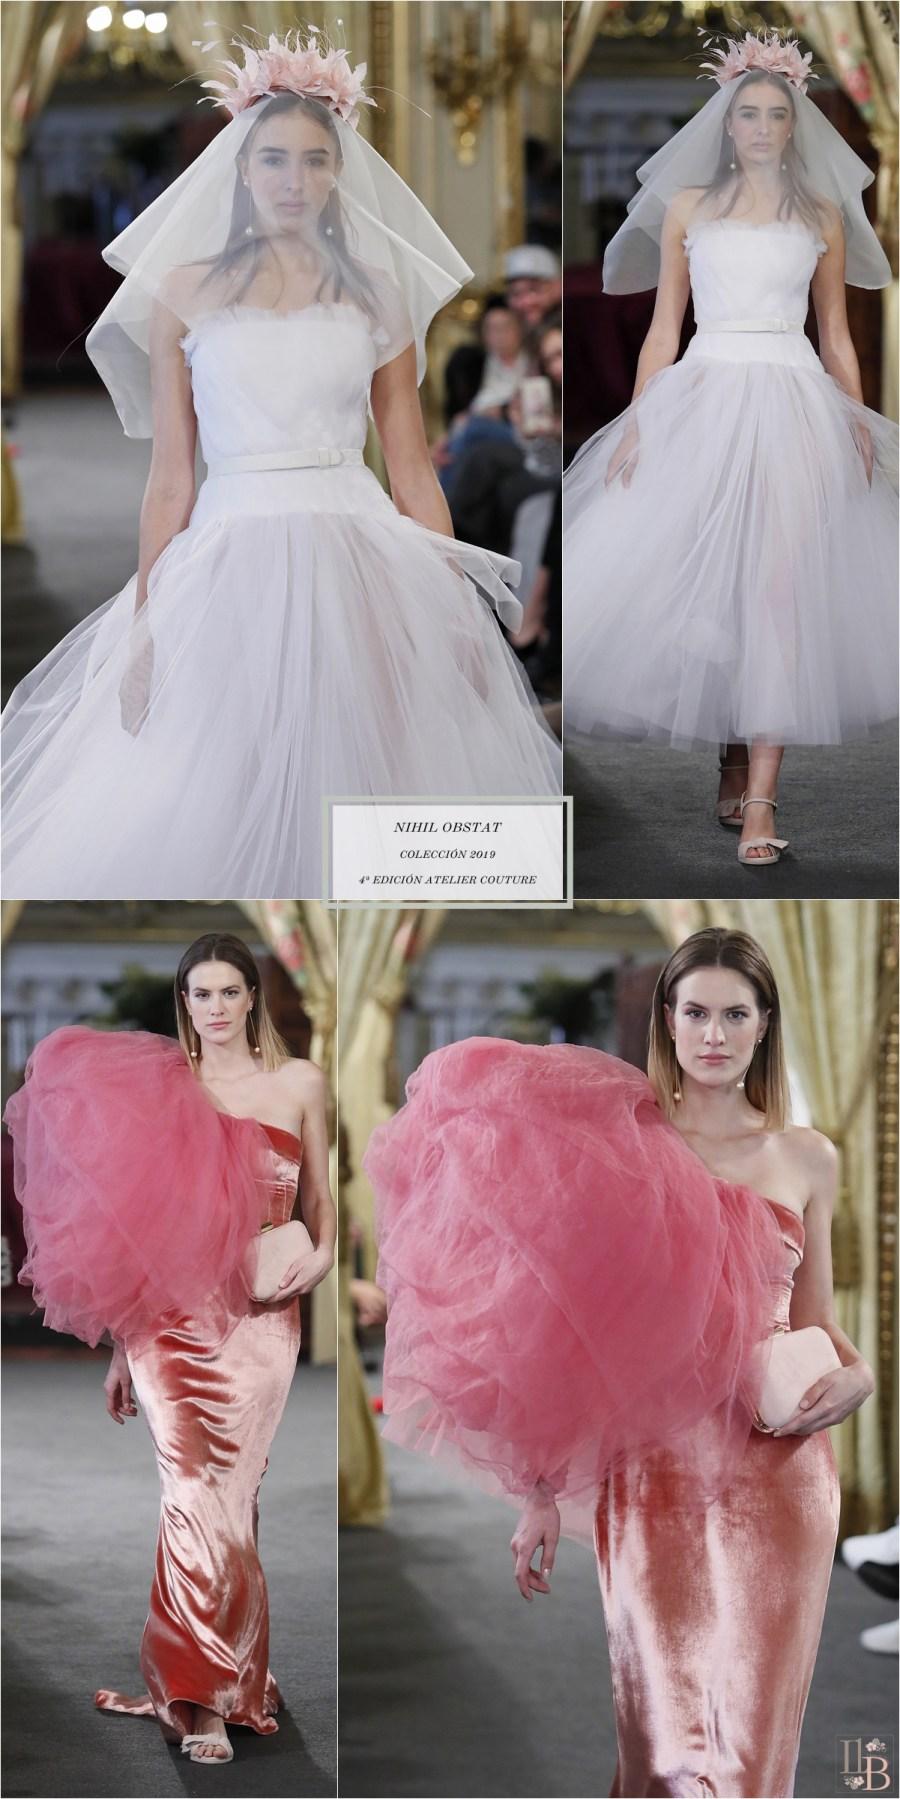 Desfile Atelier Couture 2018- Nihil Obstat: Colección Novias 2019